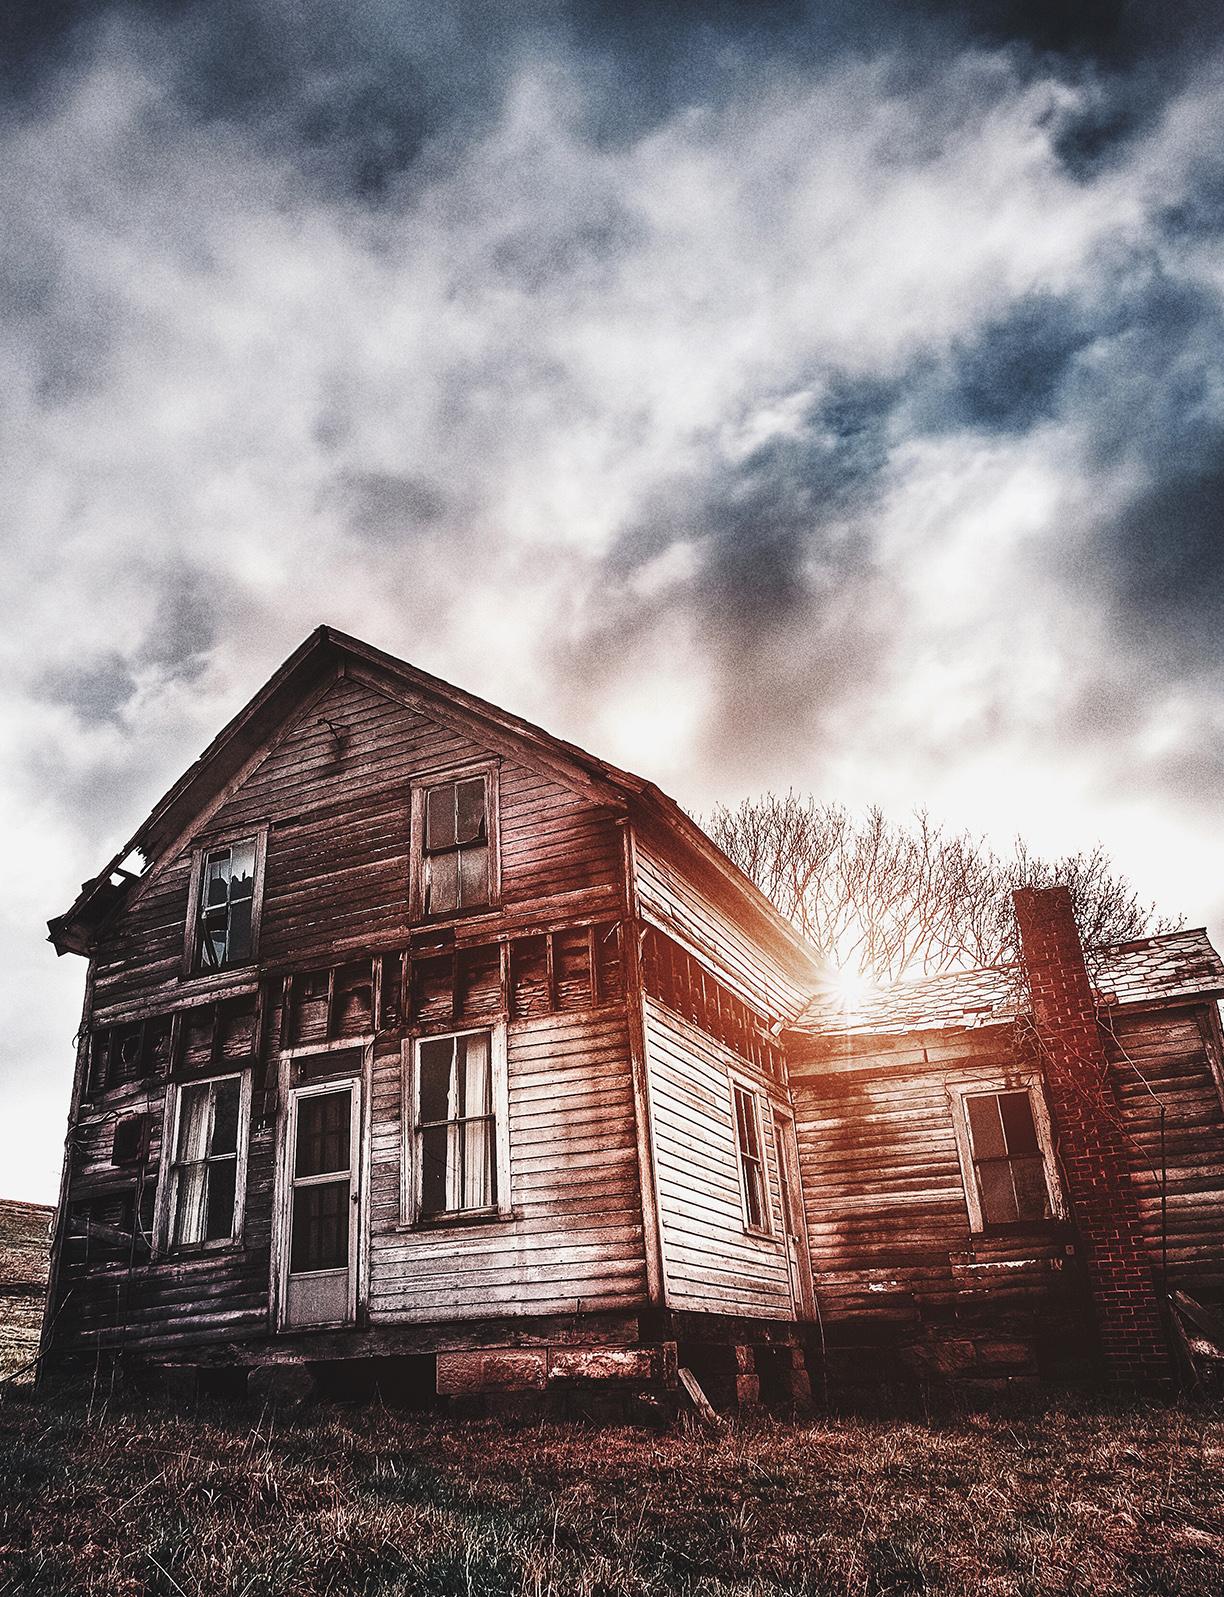 Die Already - a short story by Marnie Lyn Adams